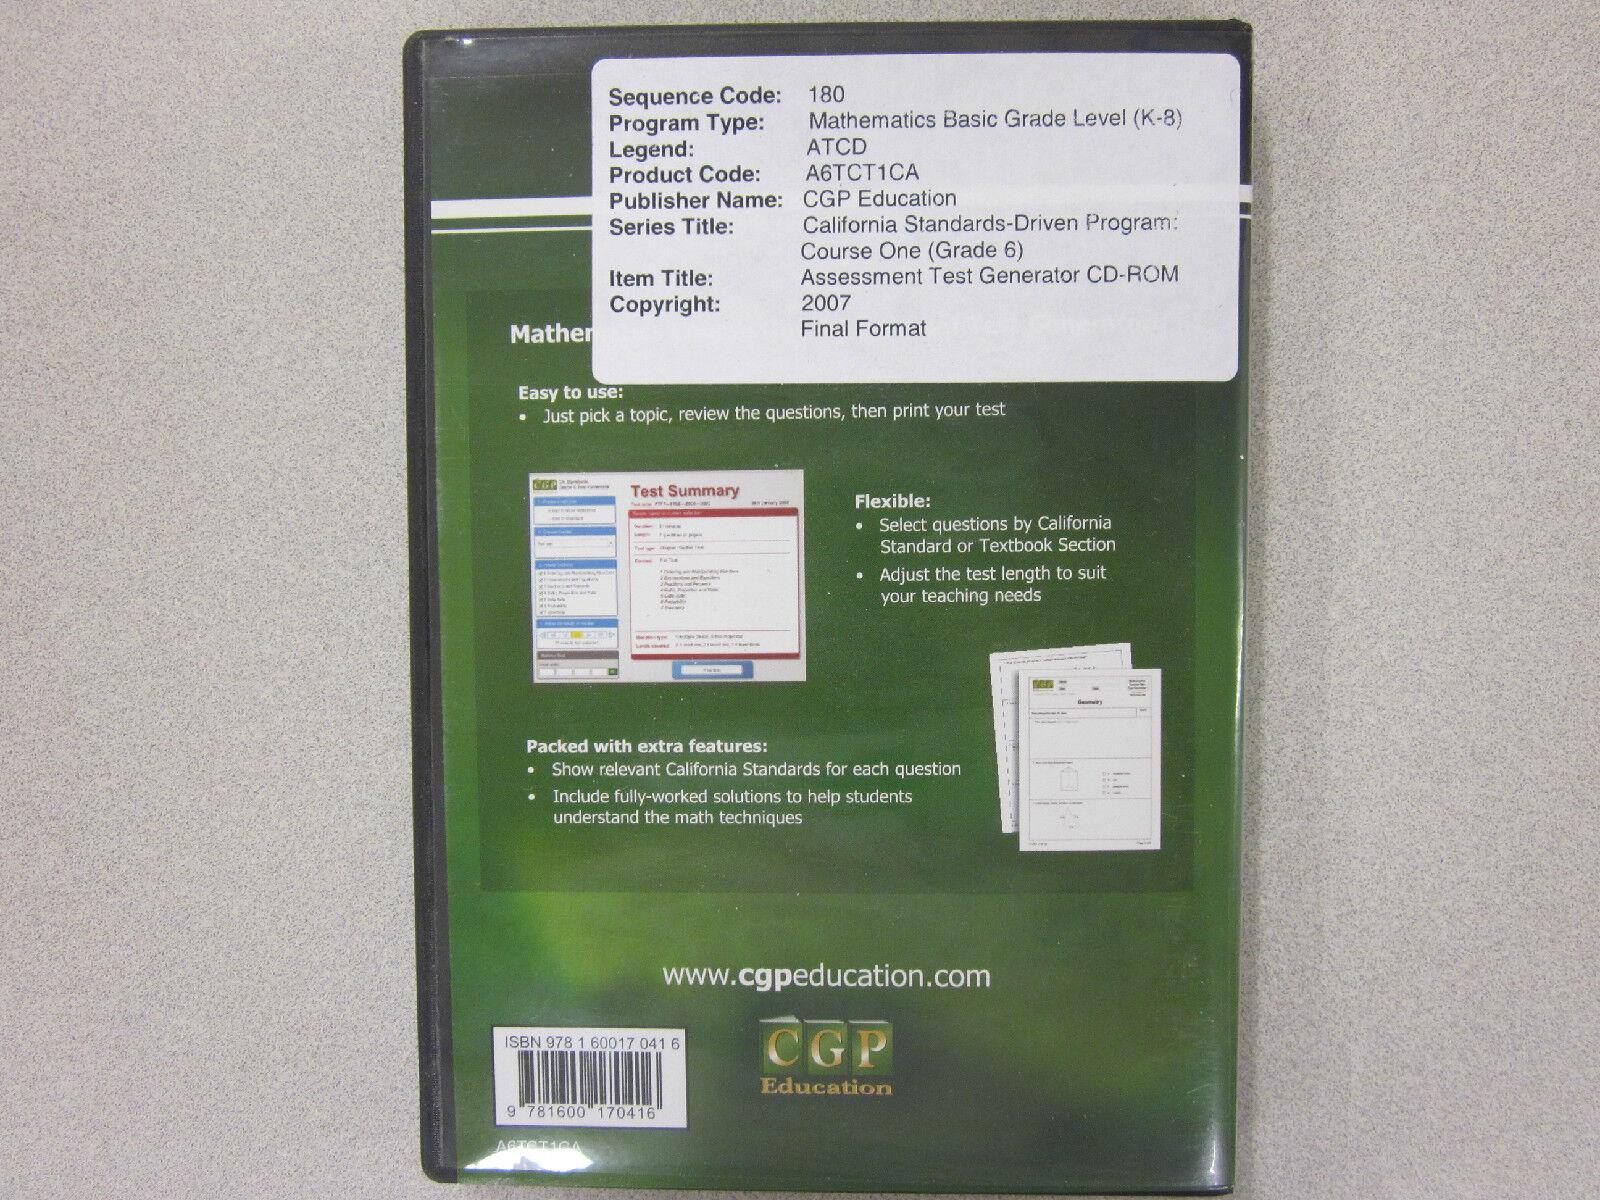 CGP California Mathematics Course One Assessment Test Gen Cd-rom 1600170412